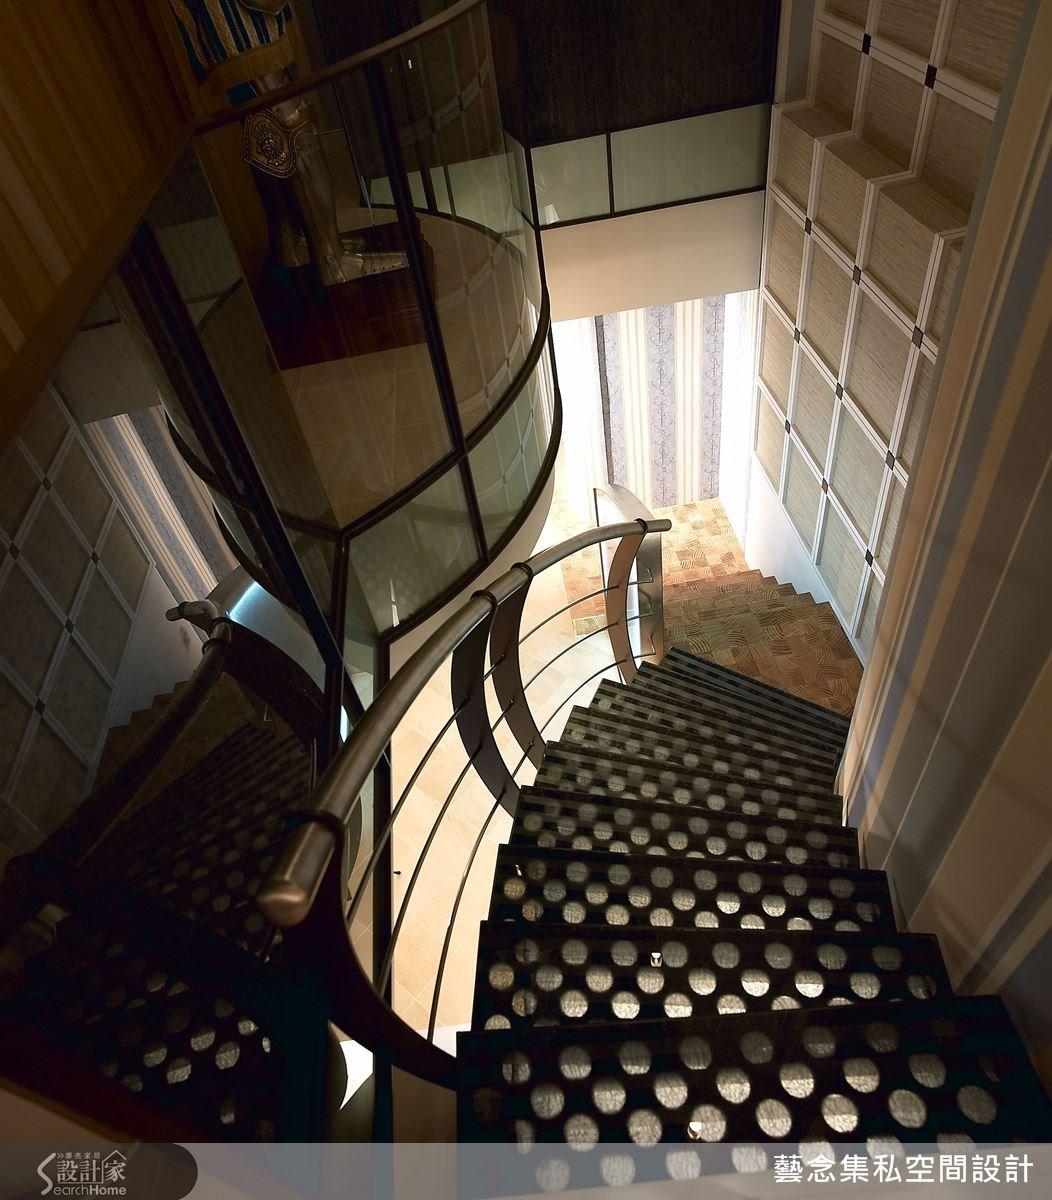 設計者善用不規則的空間條件,運用不同的材質連結樓梯界定區域,也更增添空間的藝術感。